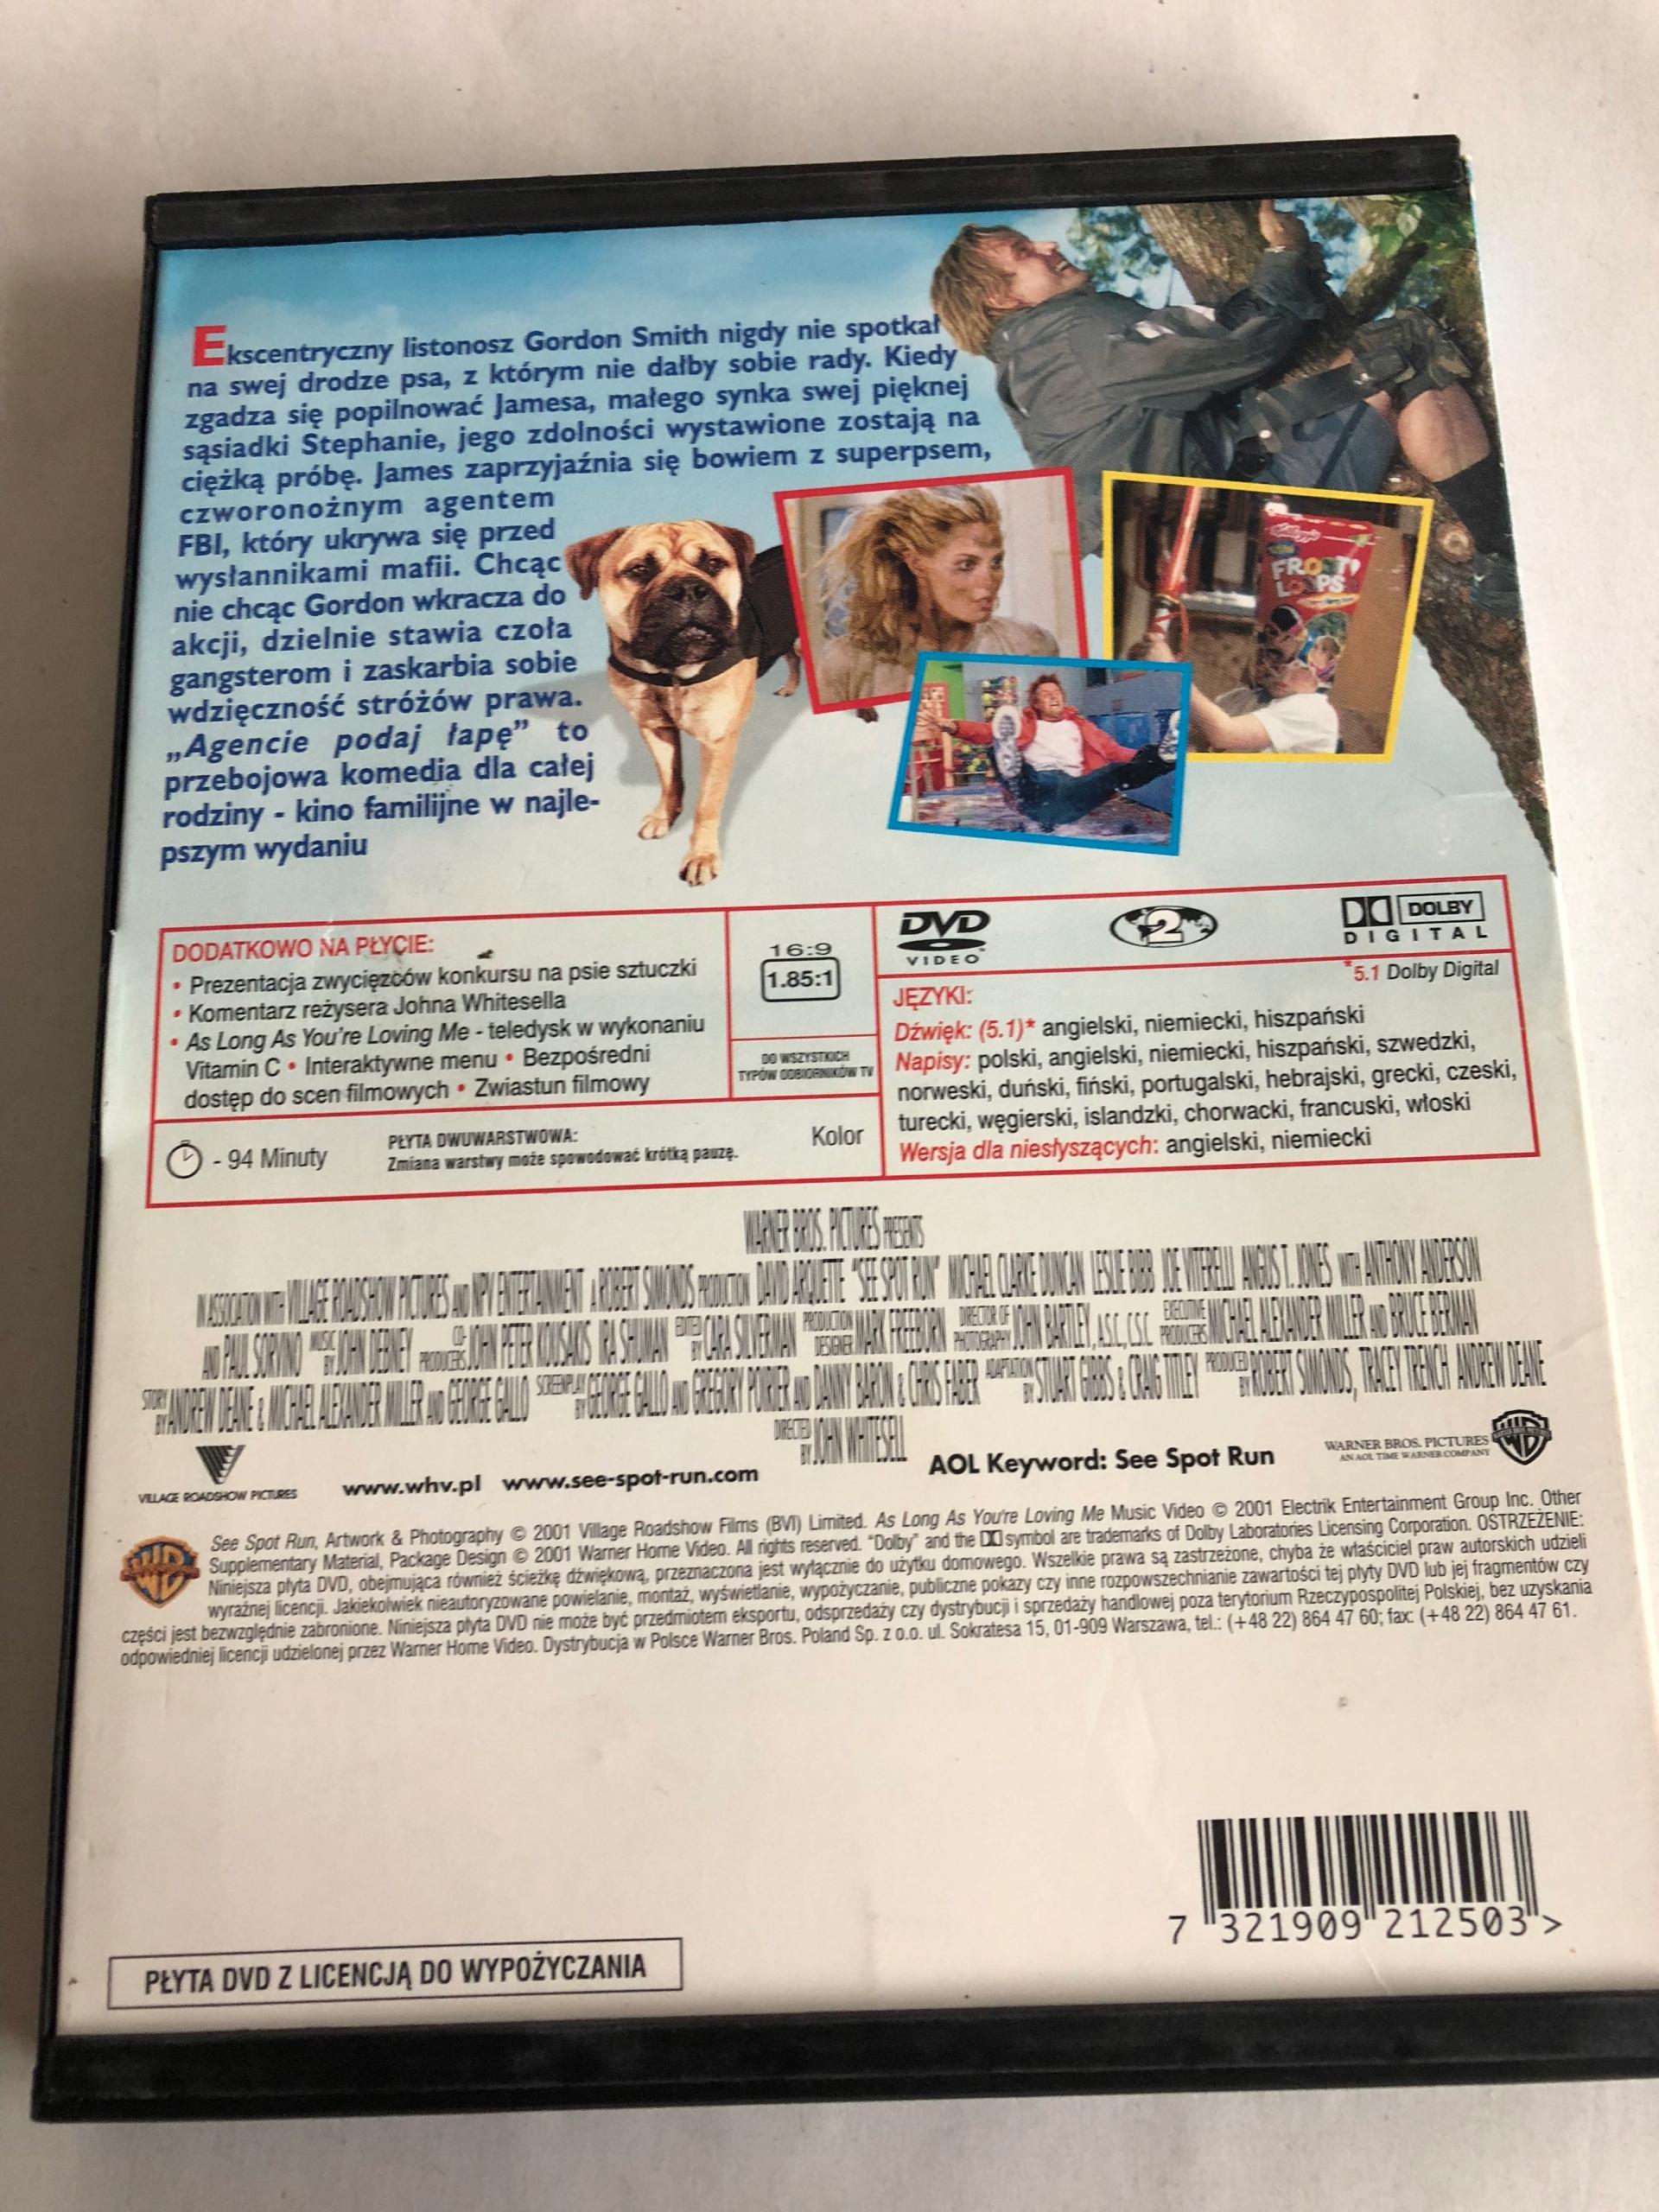 AGENCIE PODAJ ŁAPĘ DVD F52 - 7691761646 - oficjalne archiwum